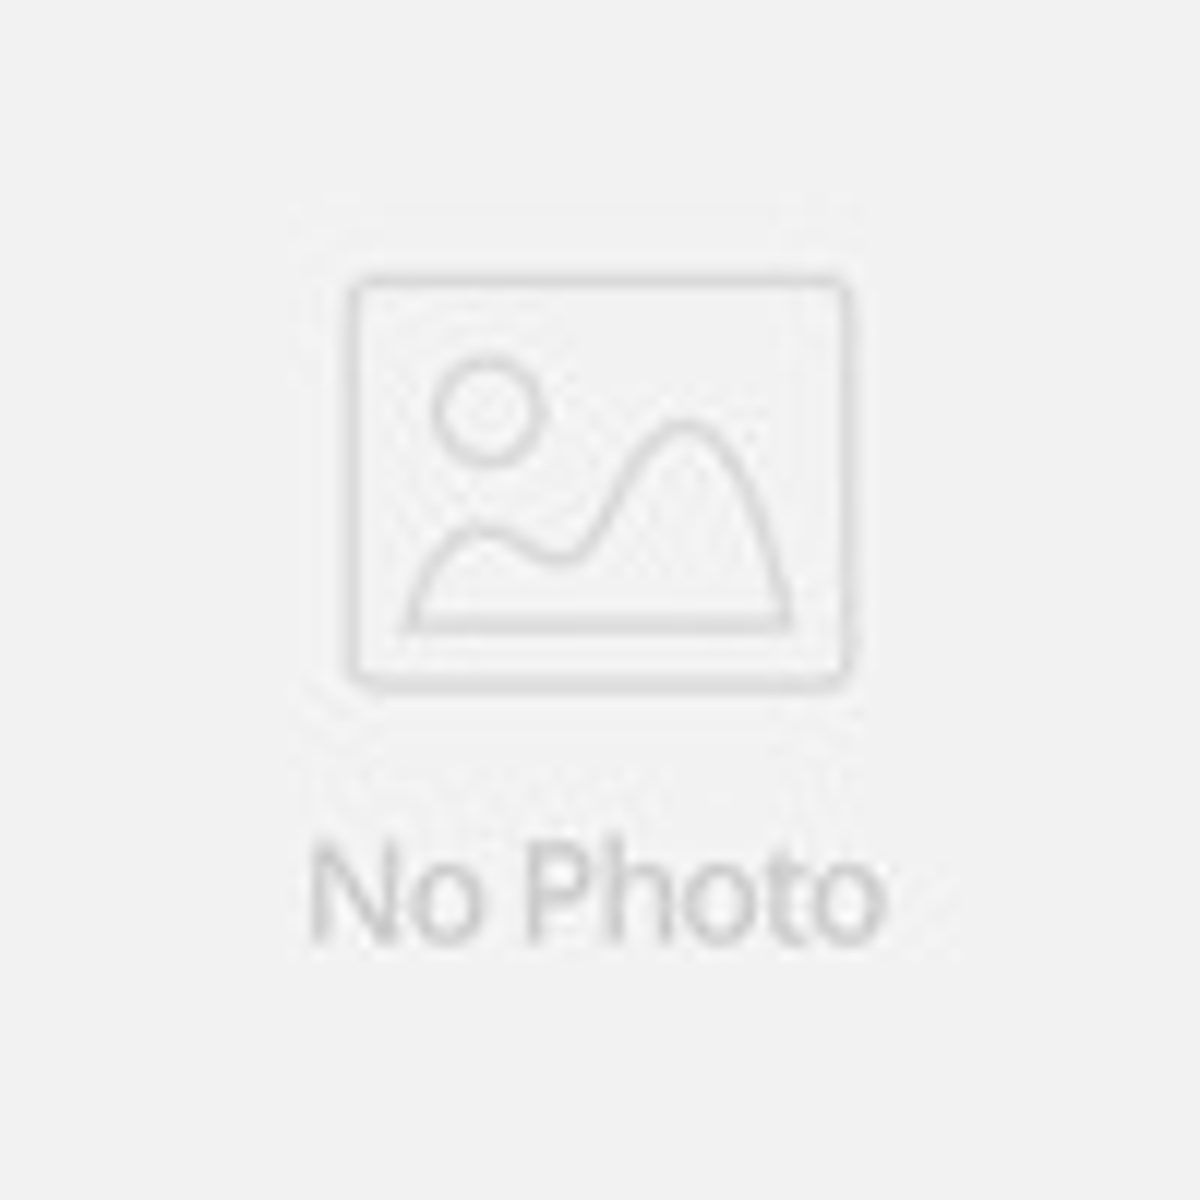 Waterproof Wifi Smart Doorbell RF TransmissionWireless Door Bell Phone Burglar Alarm Night Vison DoorbellWaterproof Wifi Smart Doorbell RF TransmissionWireless Door Bell Phone Burglar Alarm Night Vison Doorbell